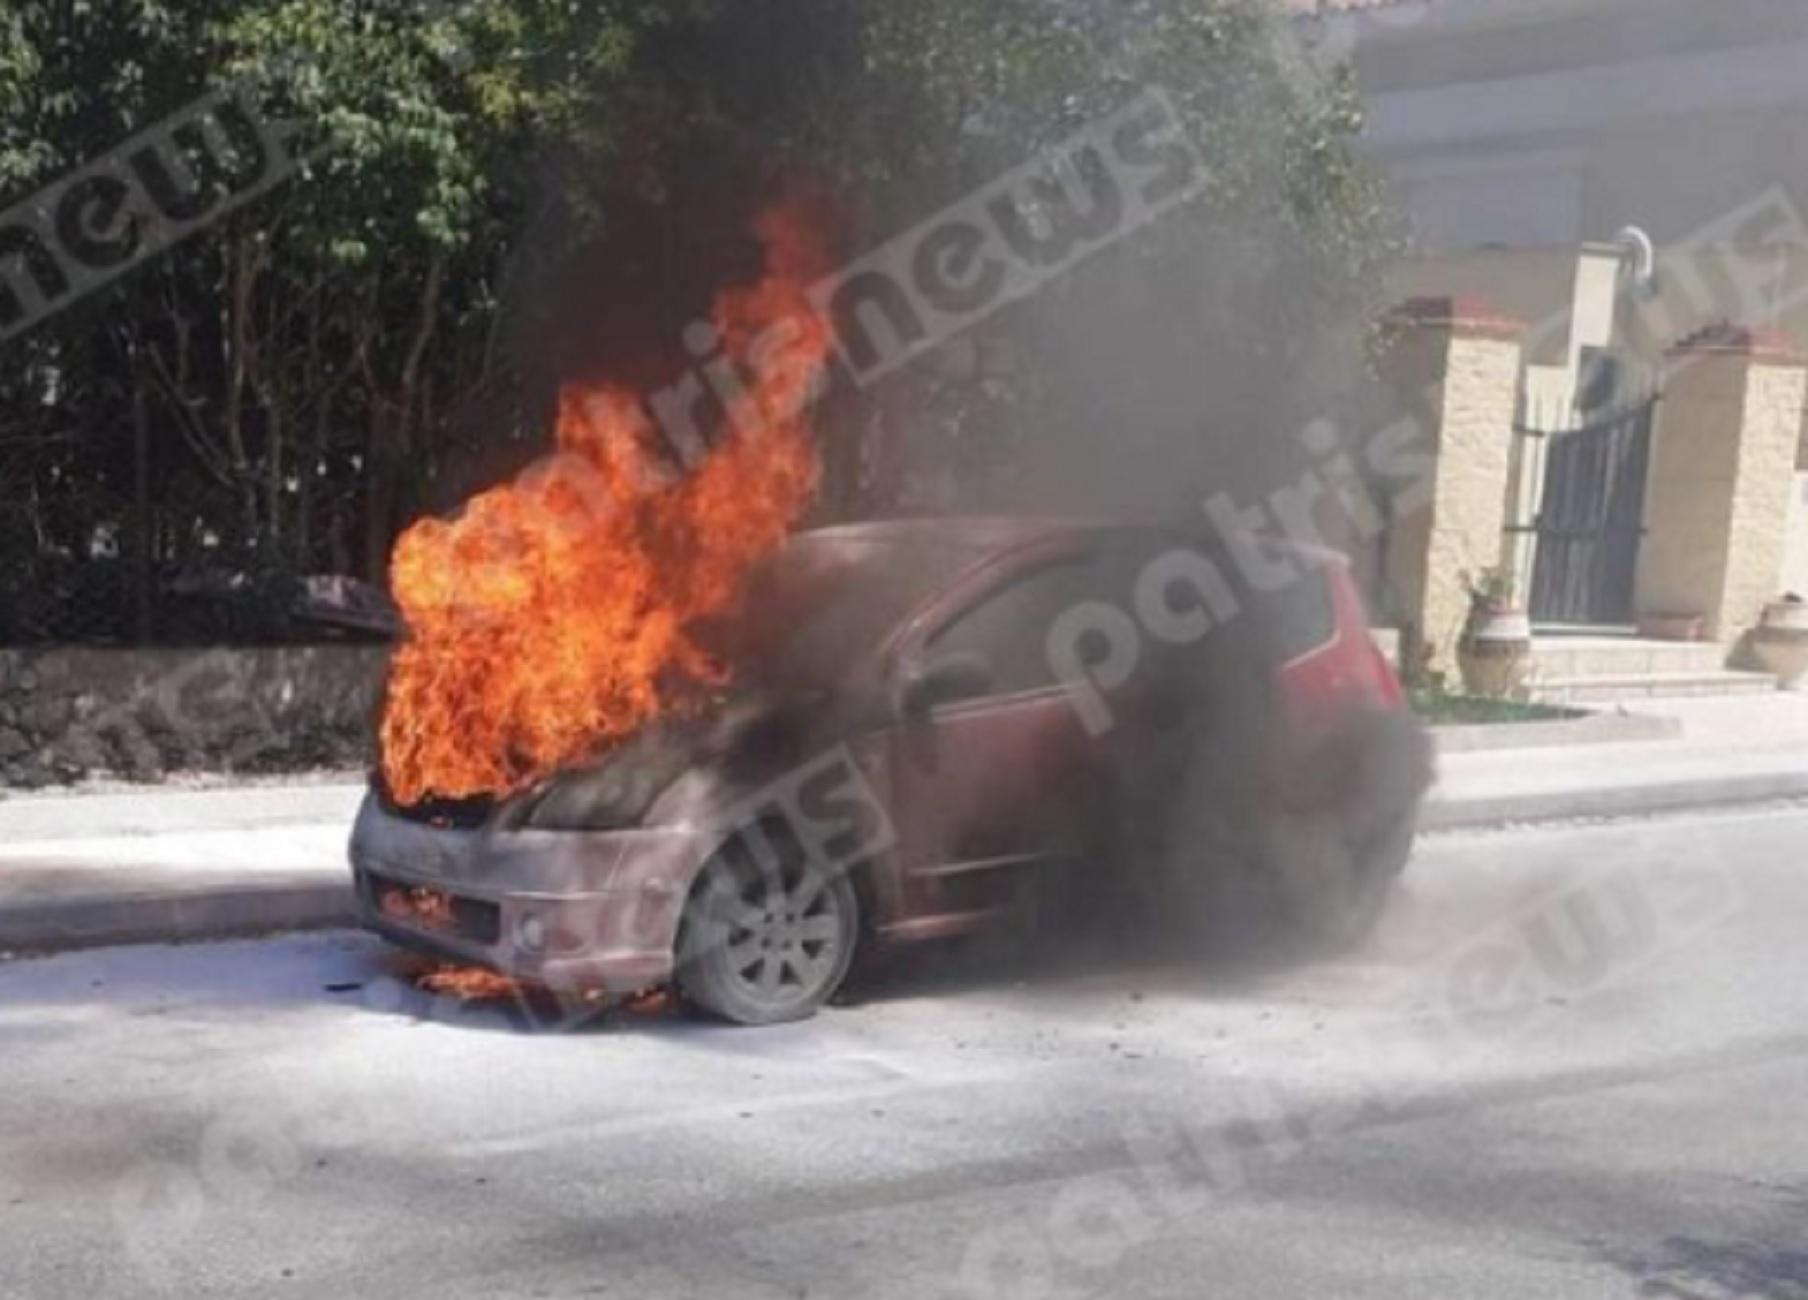 Πύργος: Λαχτάρα για οδηγό – Το αυτοκίνητο πήρε φωτιά εν κινήσει έξω από τον ΟΣΕ (pic)